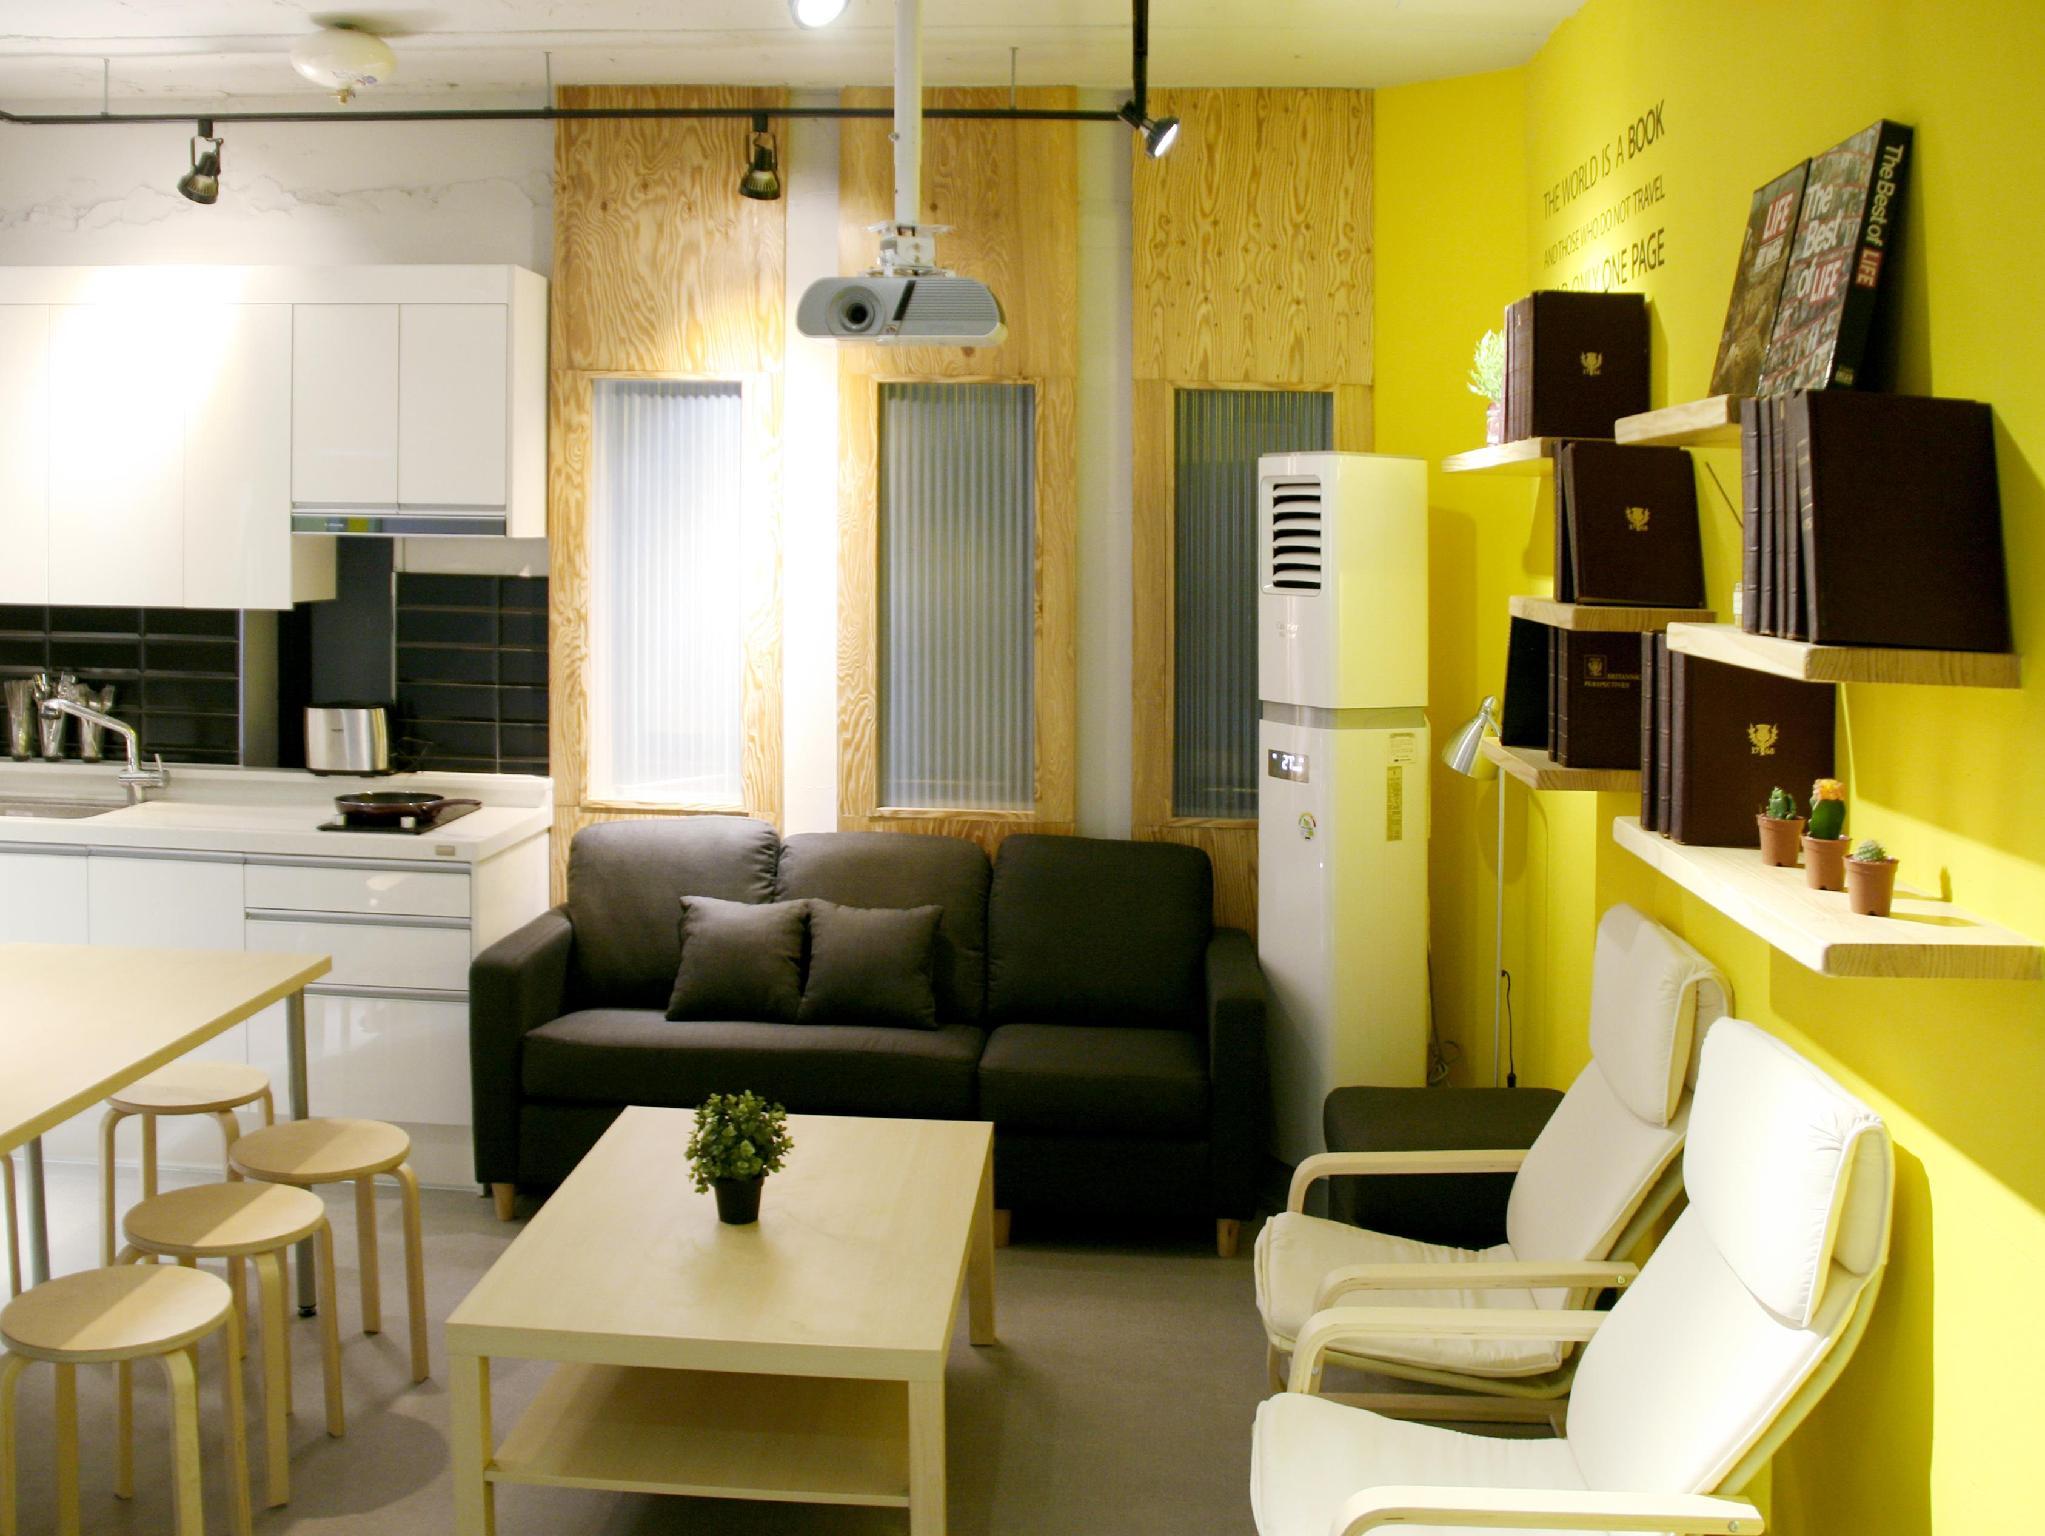 Seoul Dalbit Dongdaemun Guesthouse In South Korea Room